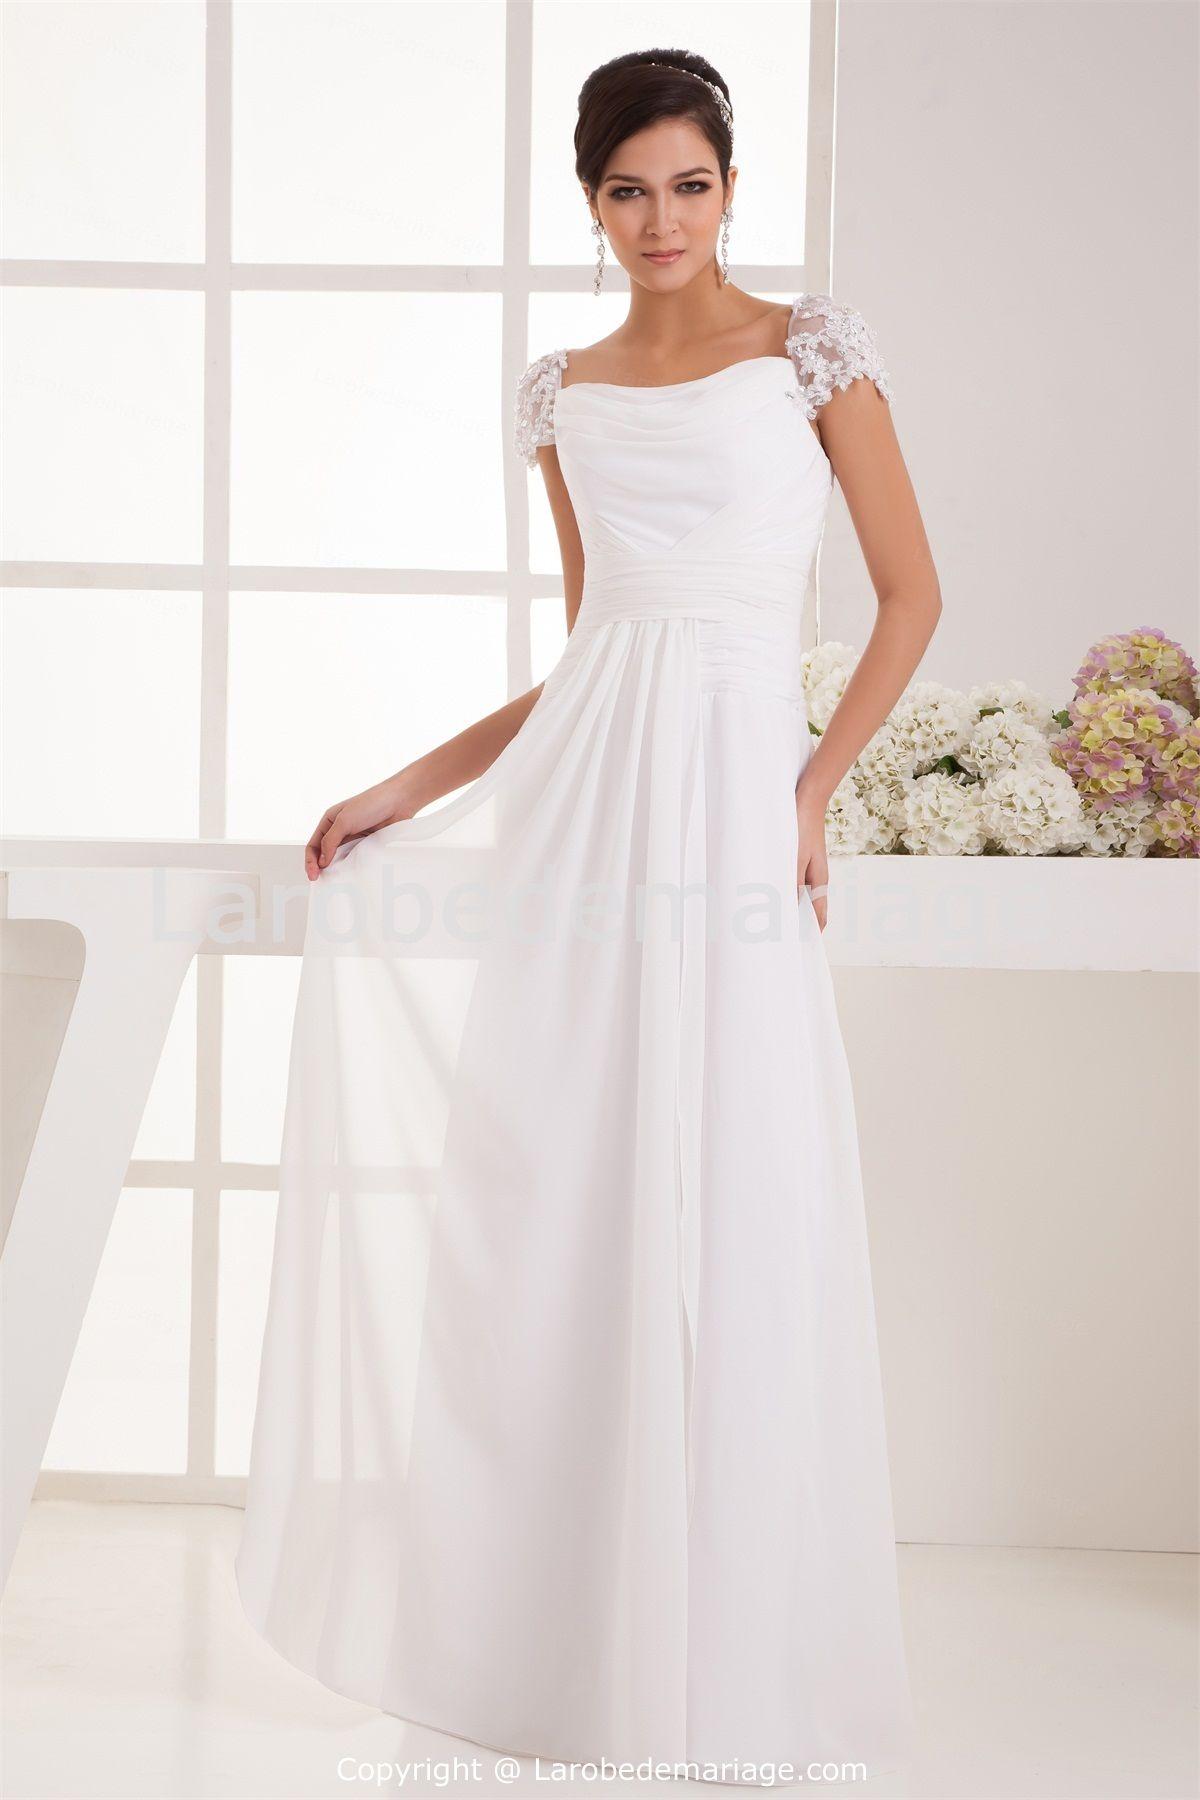 Robe de mariee courte en mousseline de soie